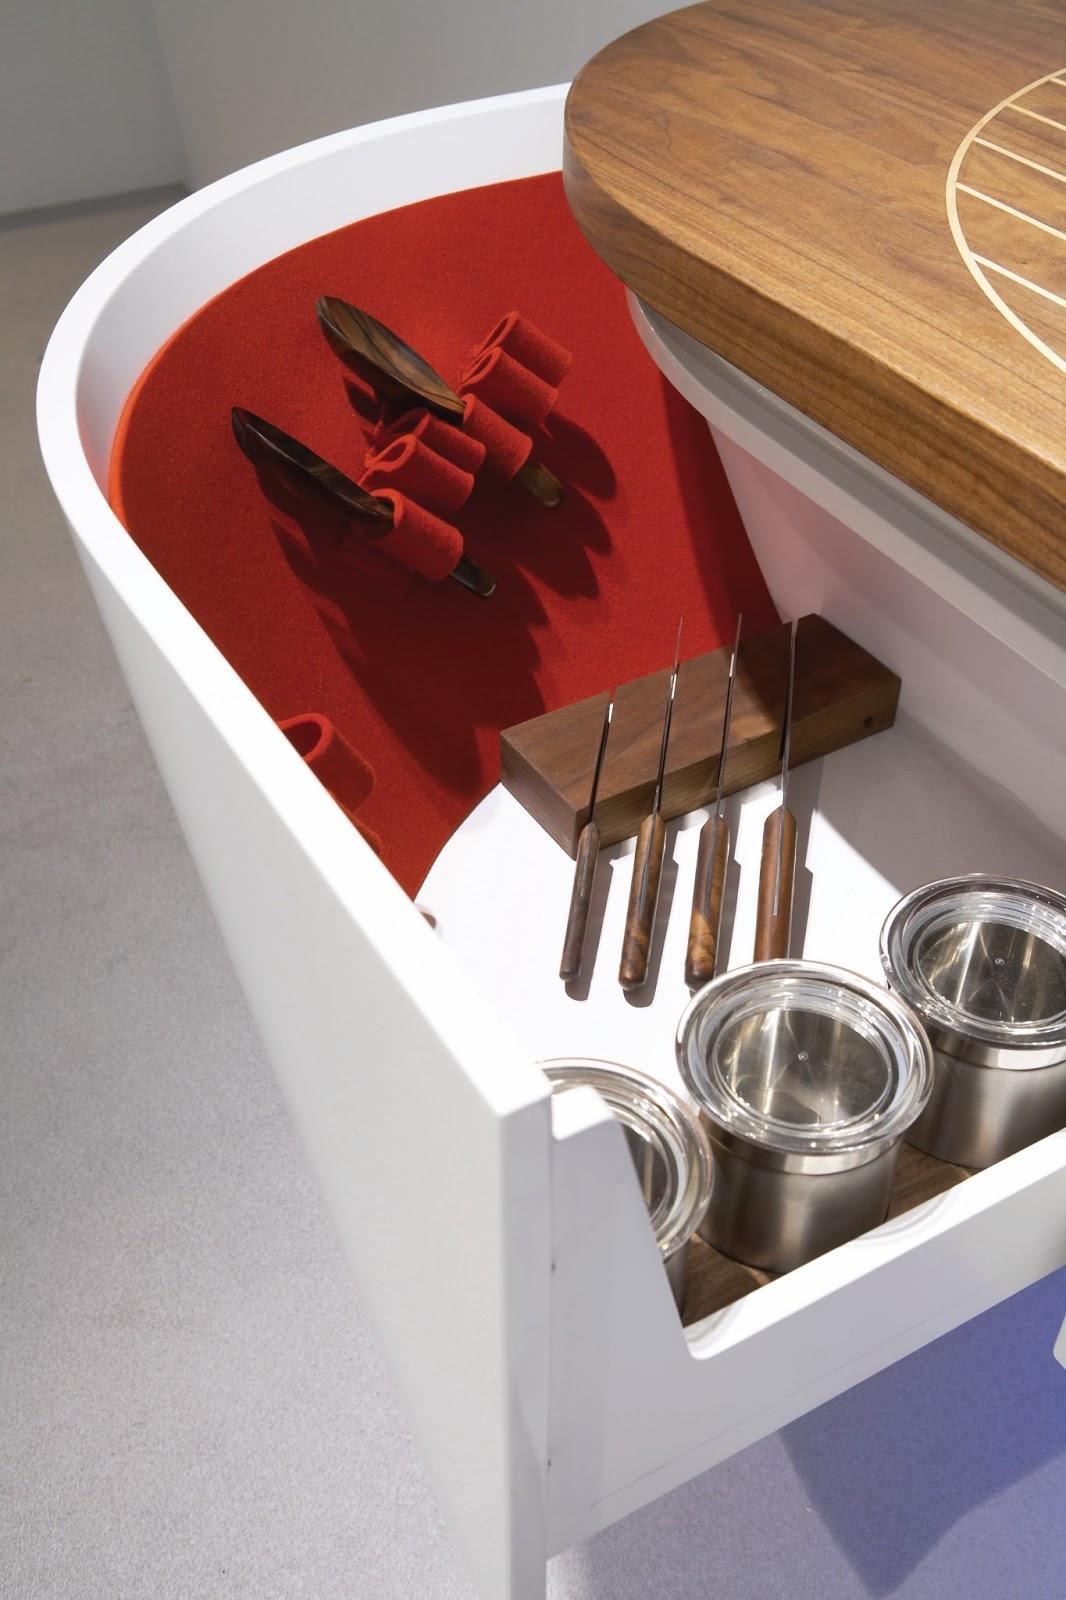 Am nagement de l 39 avant du concept bateau cuisine blanche for Concept de cuisine